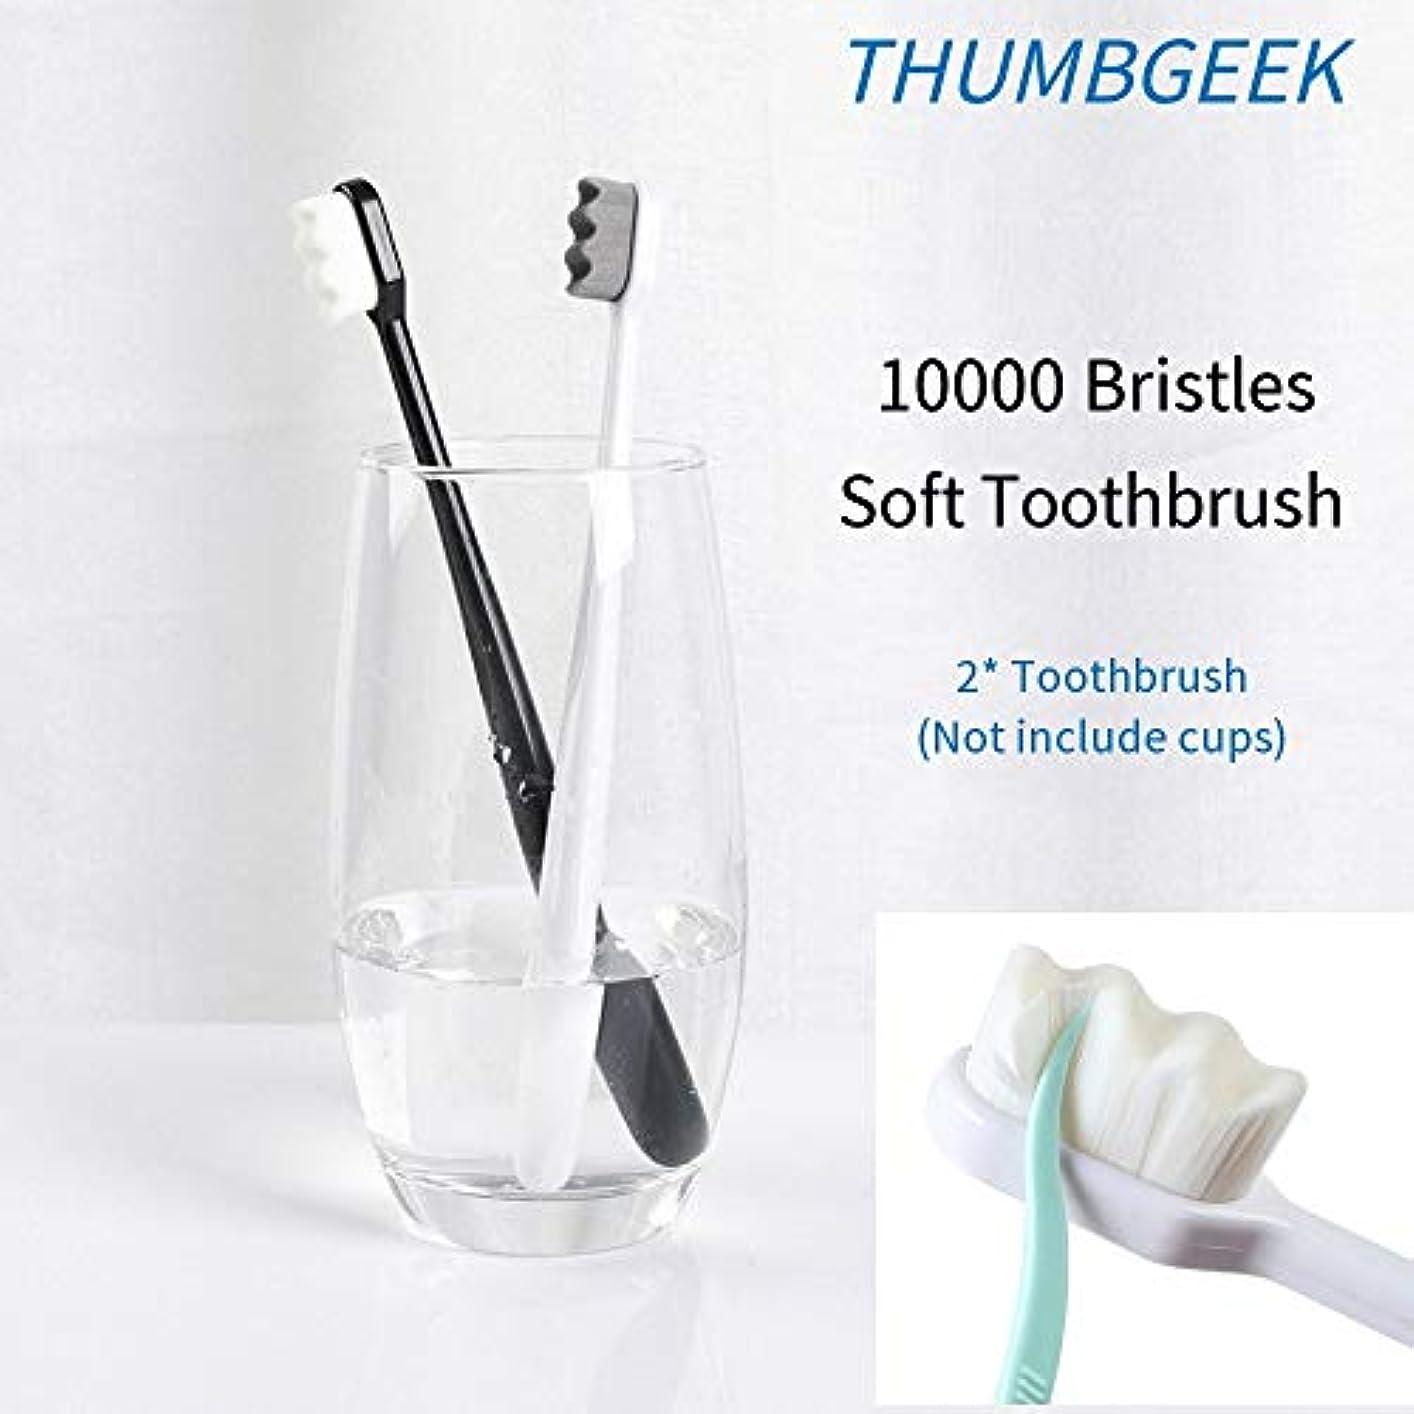 吹雪一致エクステント2本の歯ブラシ、ウルトラソフト歯ブラシ、家族の妊娠中の女性用、年配の看護の歯肉に敏感なディープマウスクリーンオーラルケア、手動歯ブラシ